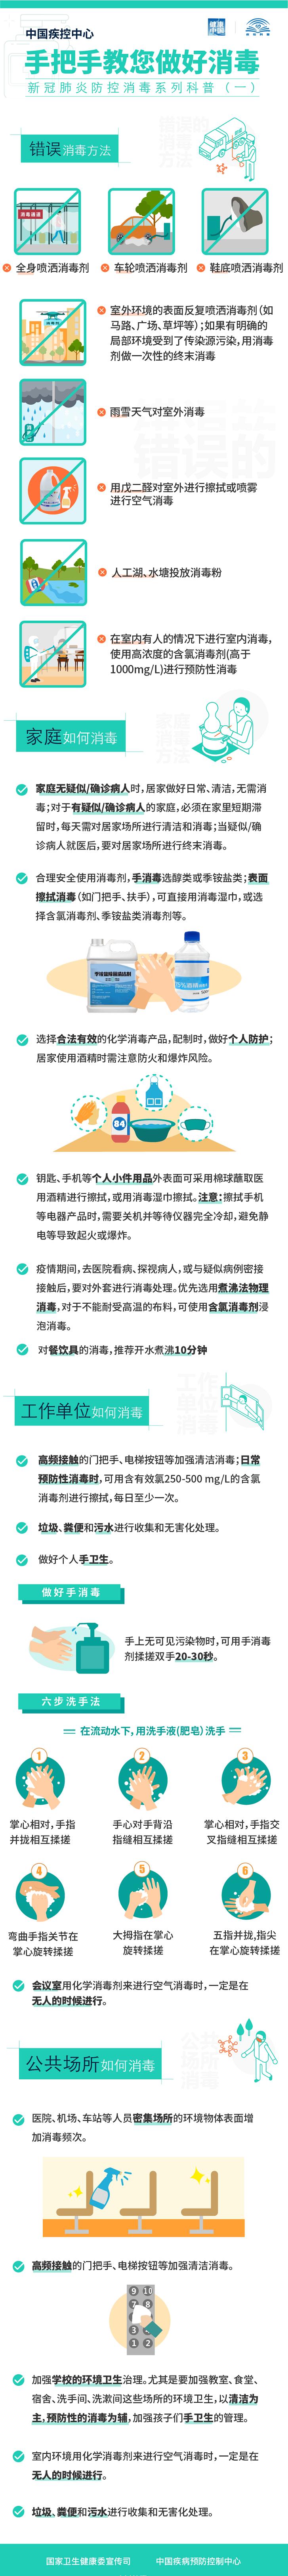 河南省卫生健康委提醒:手把手教您消毒!